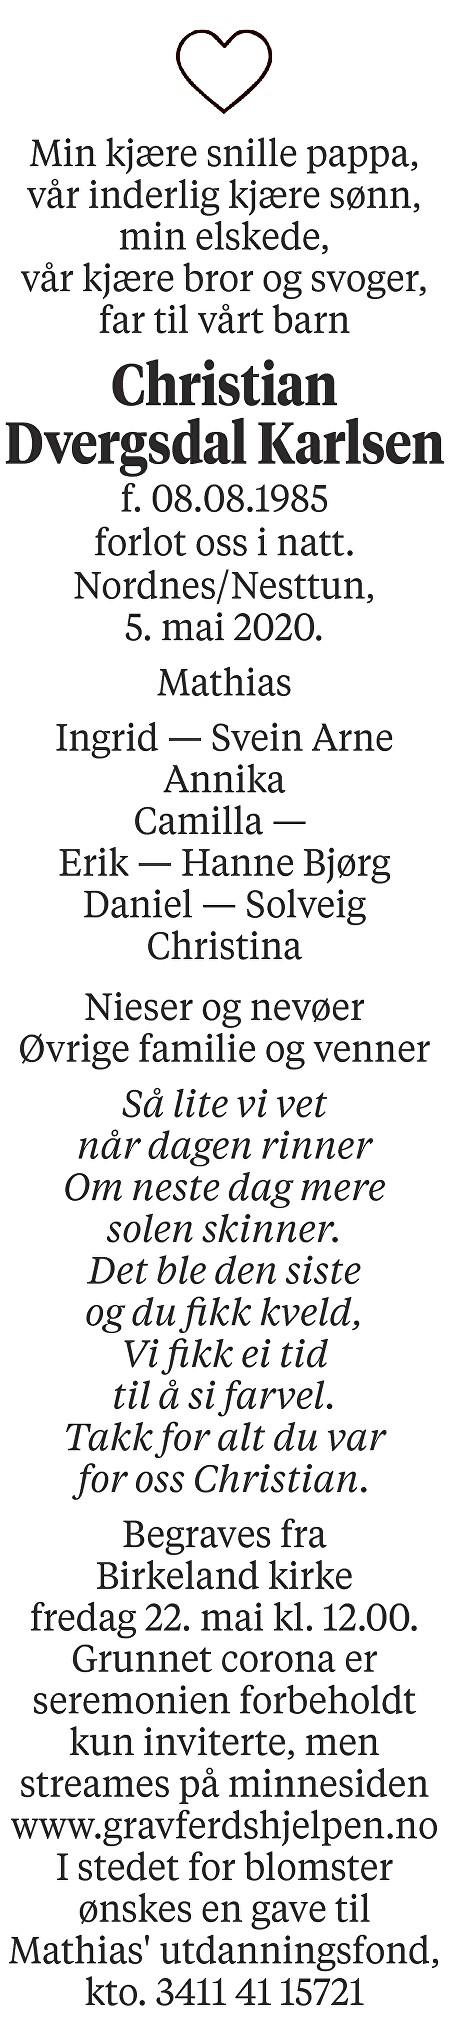 Christian Dvergsdal Karlsen Dødsannonse